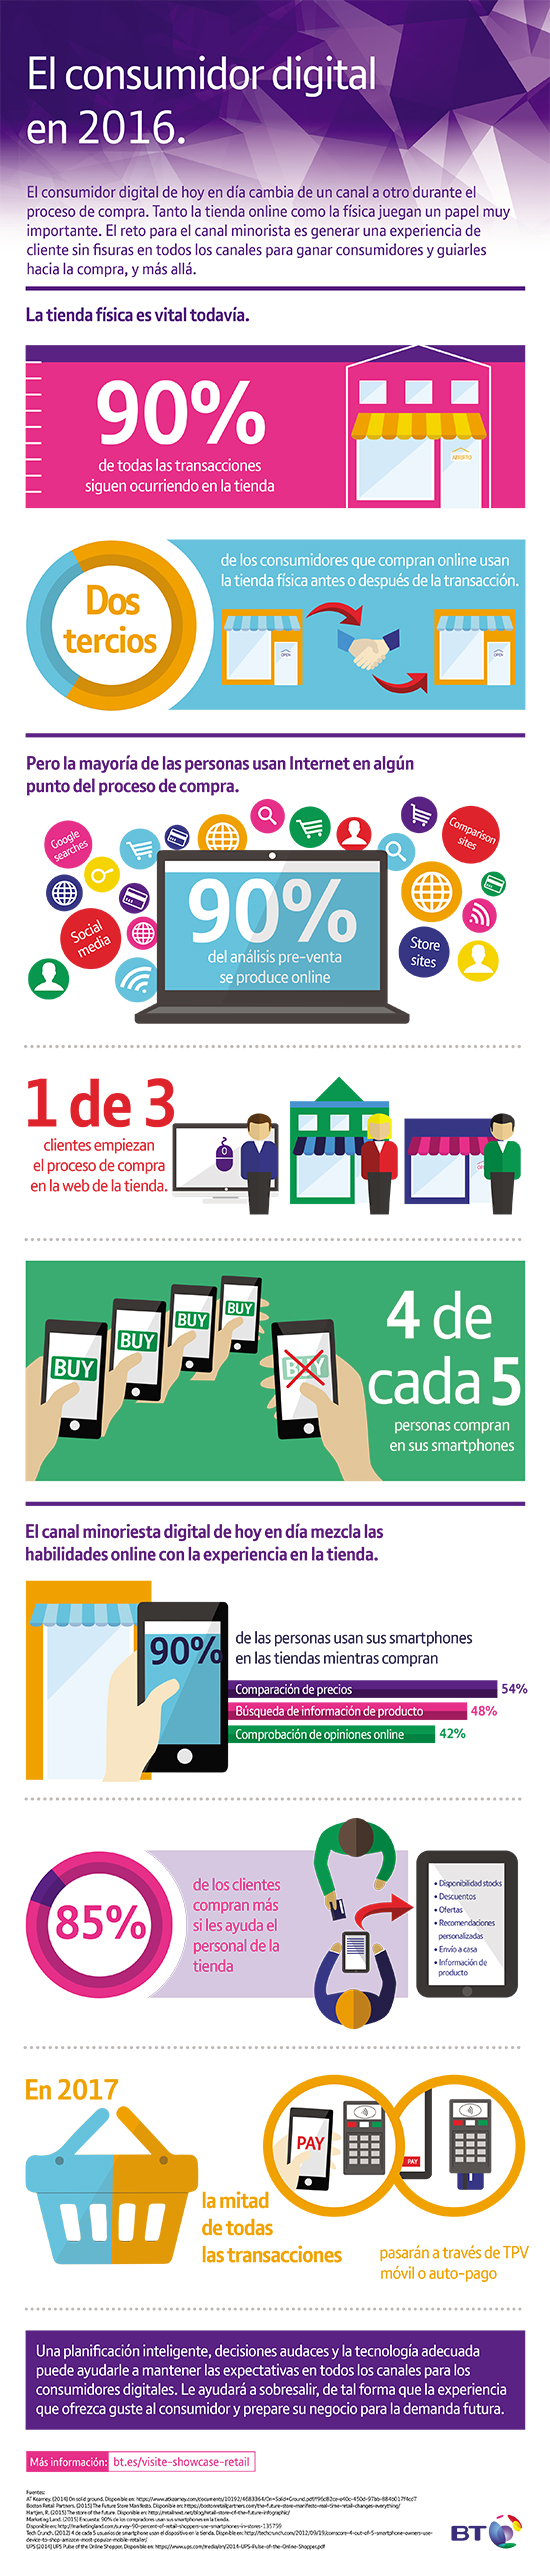 infografia-consumidor-digital-2016-bt-blog-hostalia-hosting